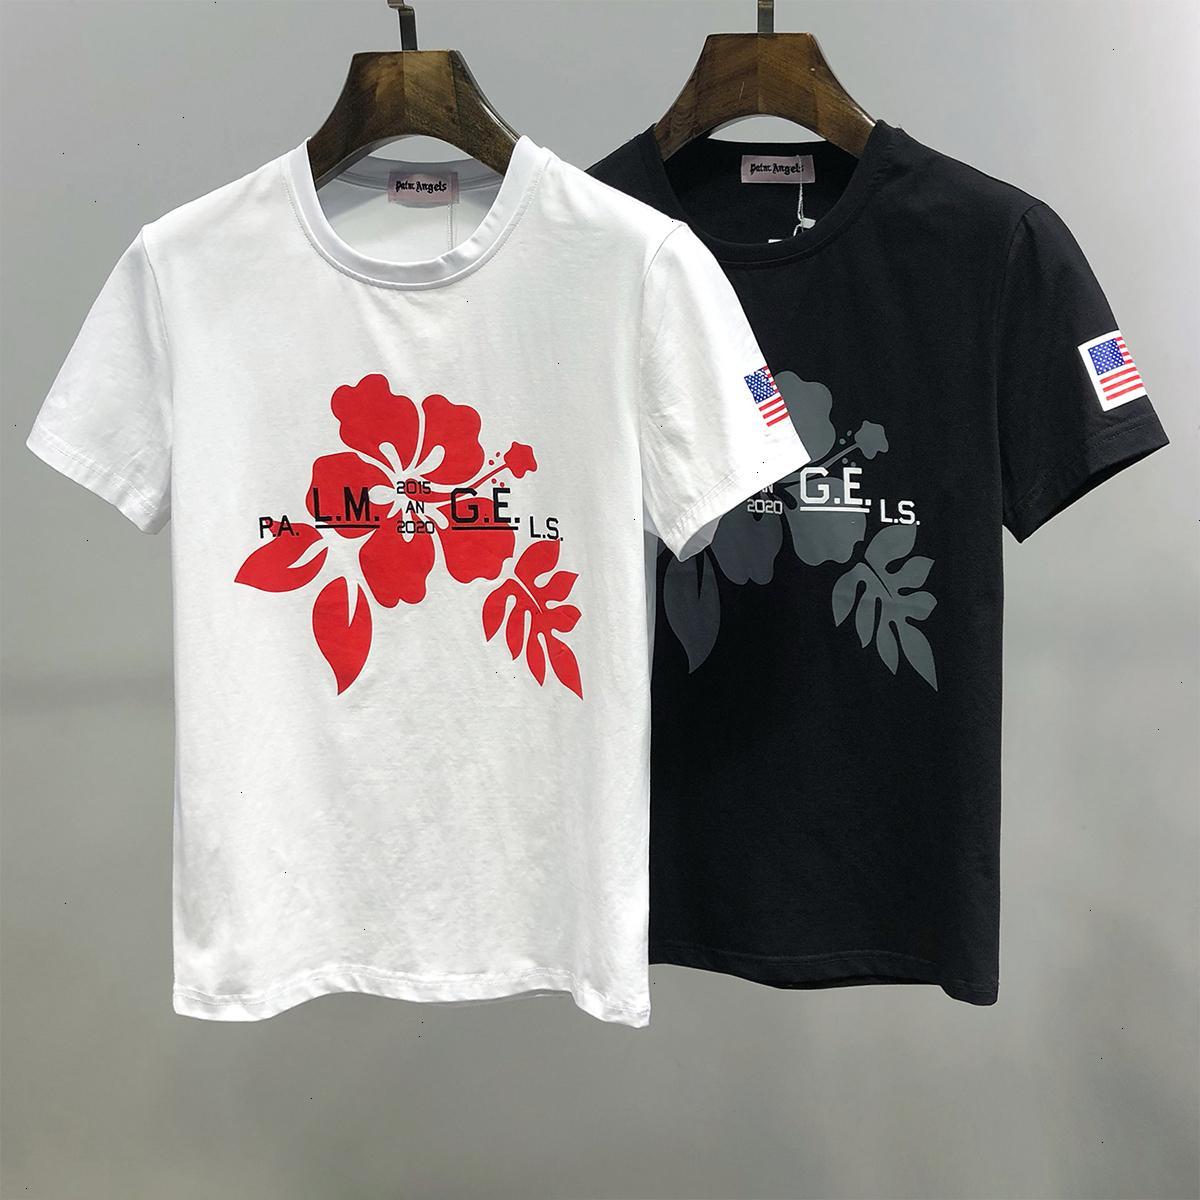 T-shirt dos homens ocasional T-shirt tamanho M-3XL confortável Joker WSJ000 # 111609 i_lucky07